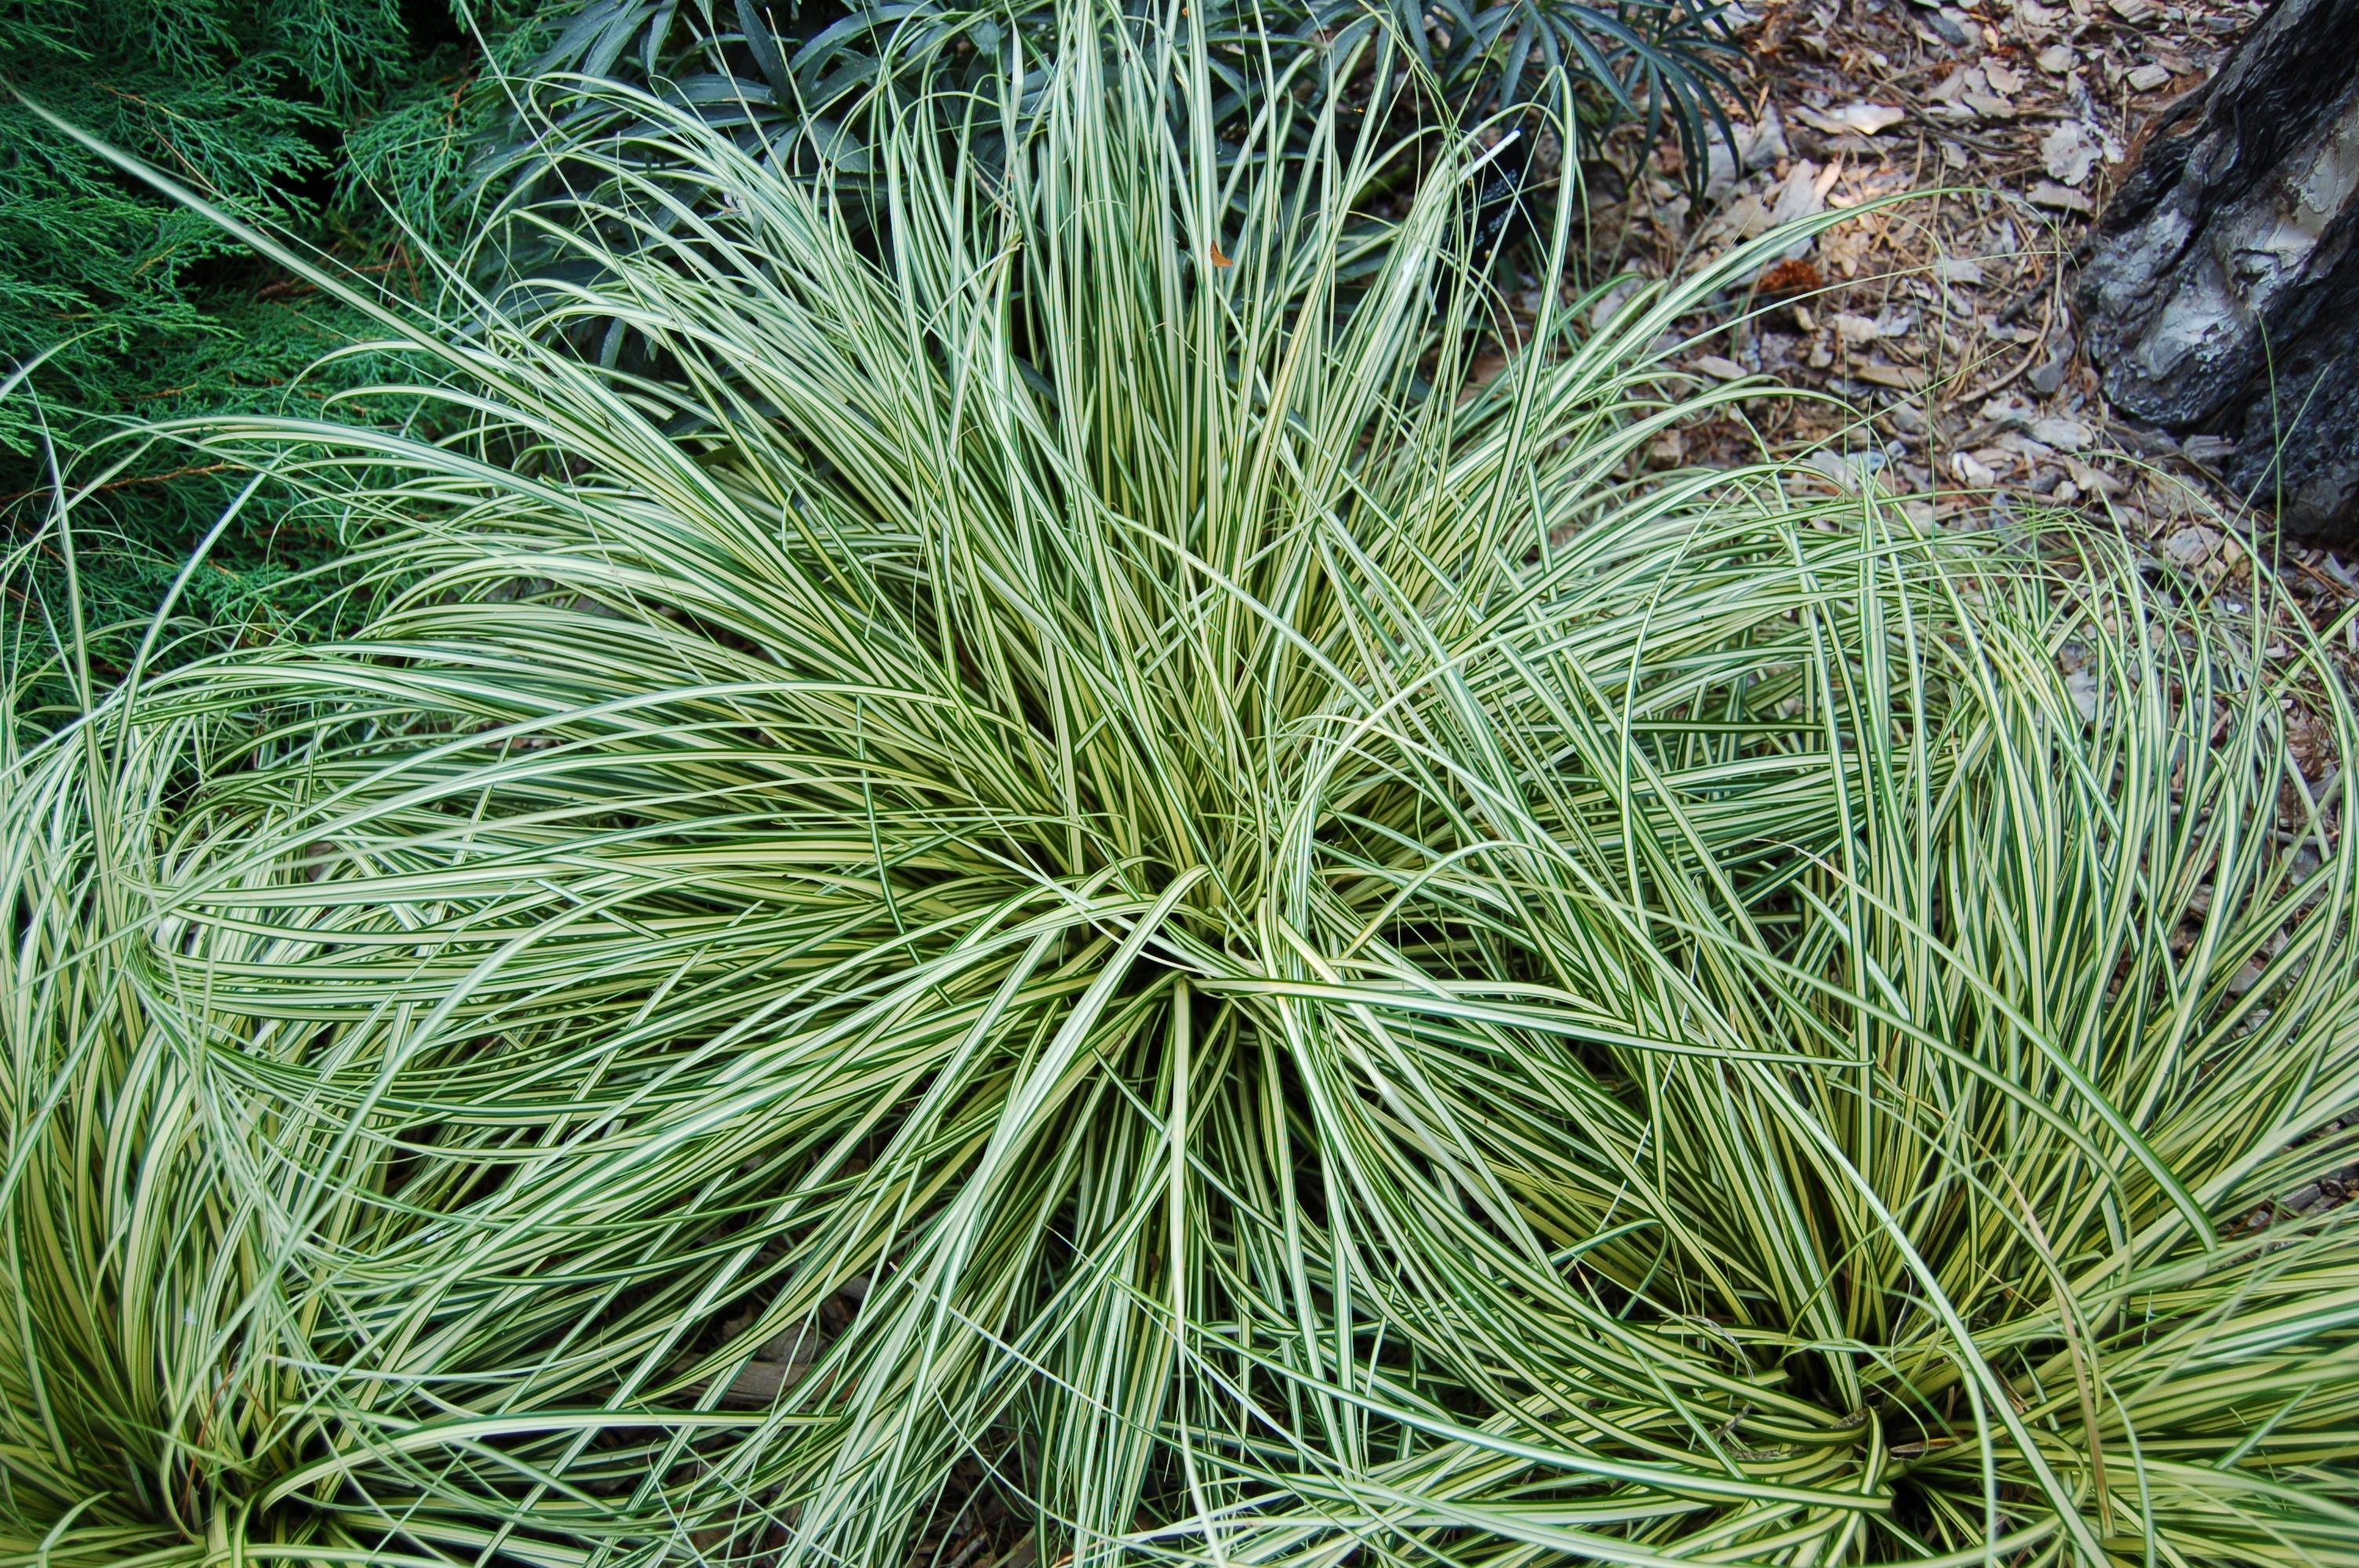 Carex plant - Cadre x ...